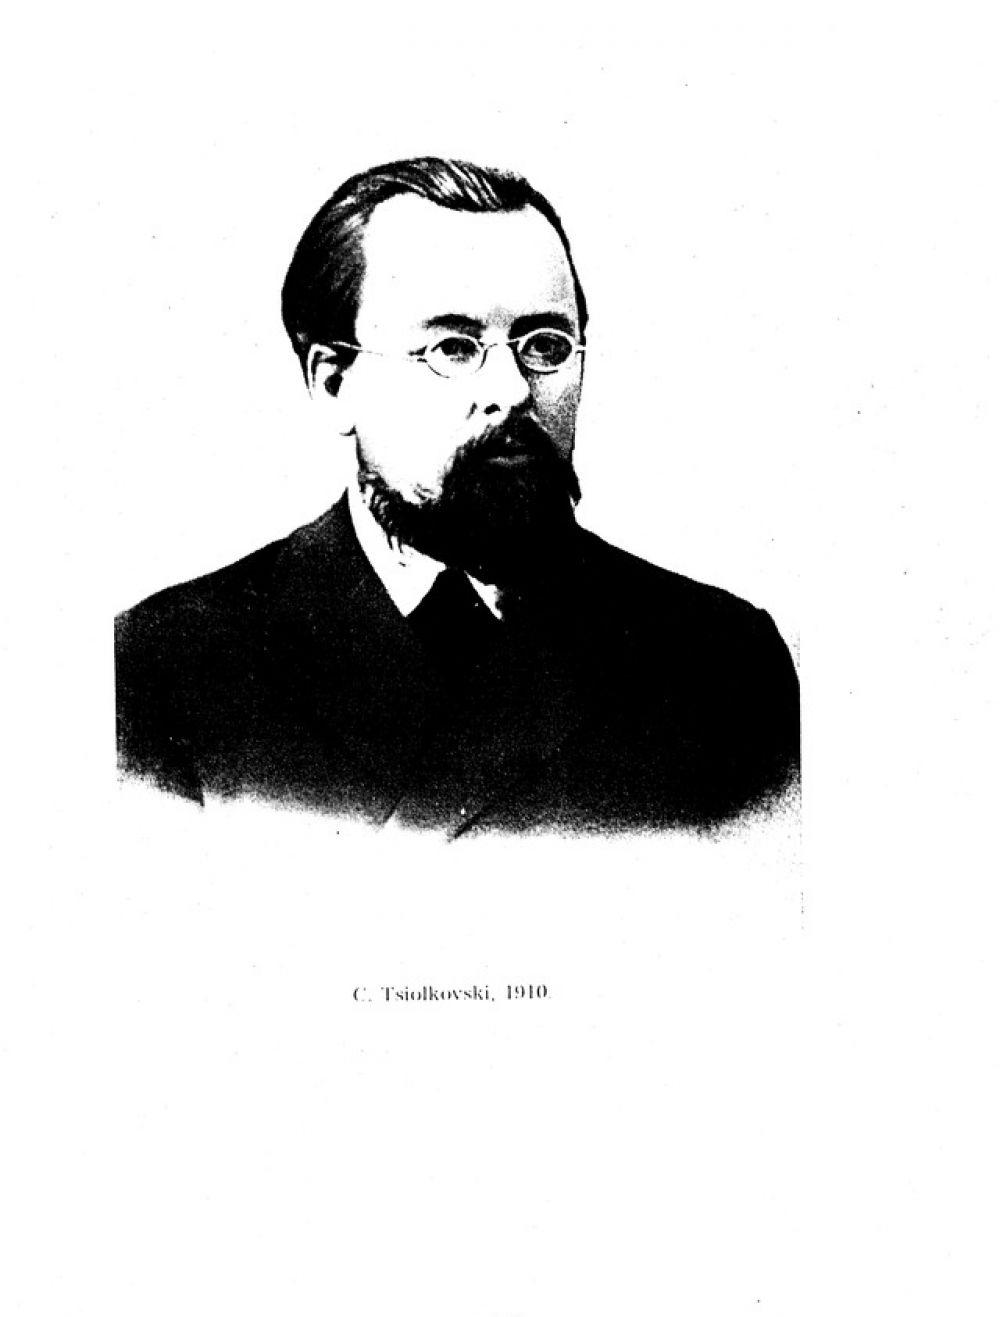 Константин Циолковский в 1910 году.